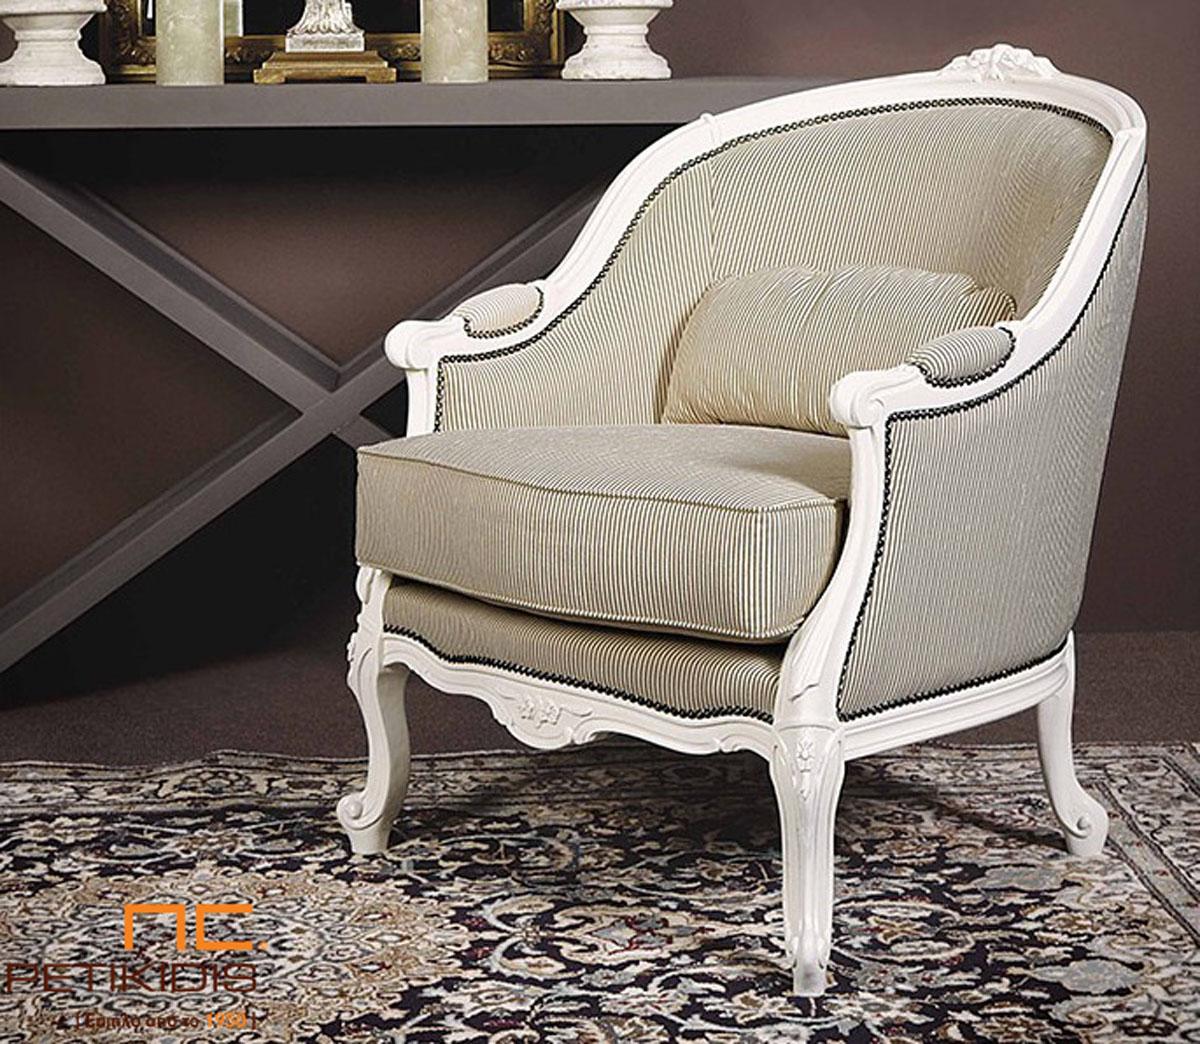 Πολυθρόνα Frida σε κλασική γραμμή με λεπτομέρειες ξύλου σε λευκή πατίνα. Το ύφασμα είναι σε εκρού αποχρώσεις με λεπτή ρίγα και διαθέτει διακοσμητικό μεταλλικό καμπαρά.